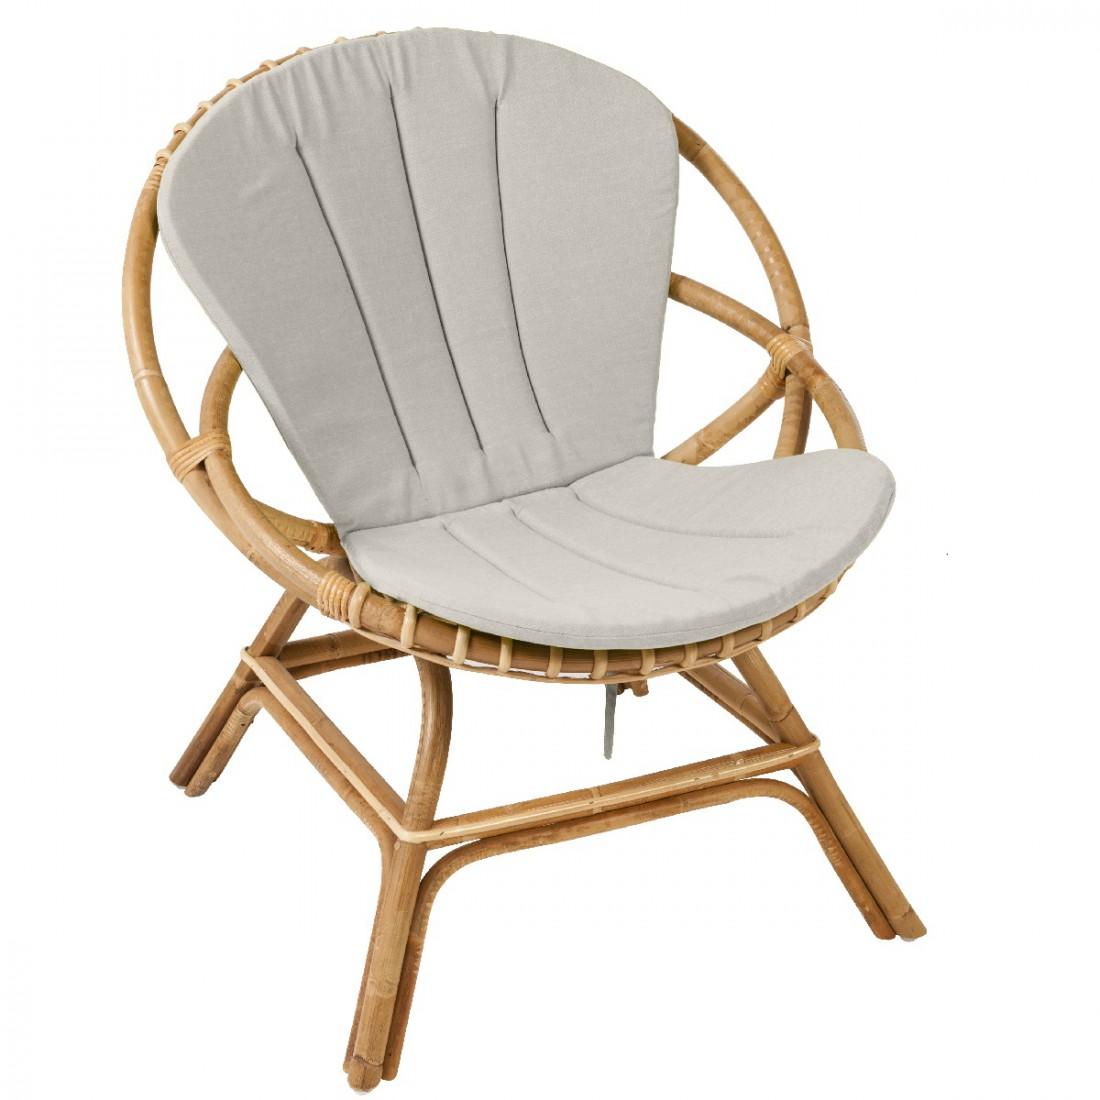 Coussin pour fauteuil Brigitte   fauteuil rotin KOK